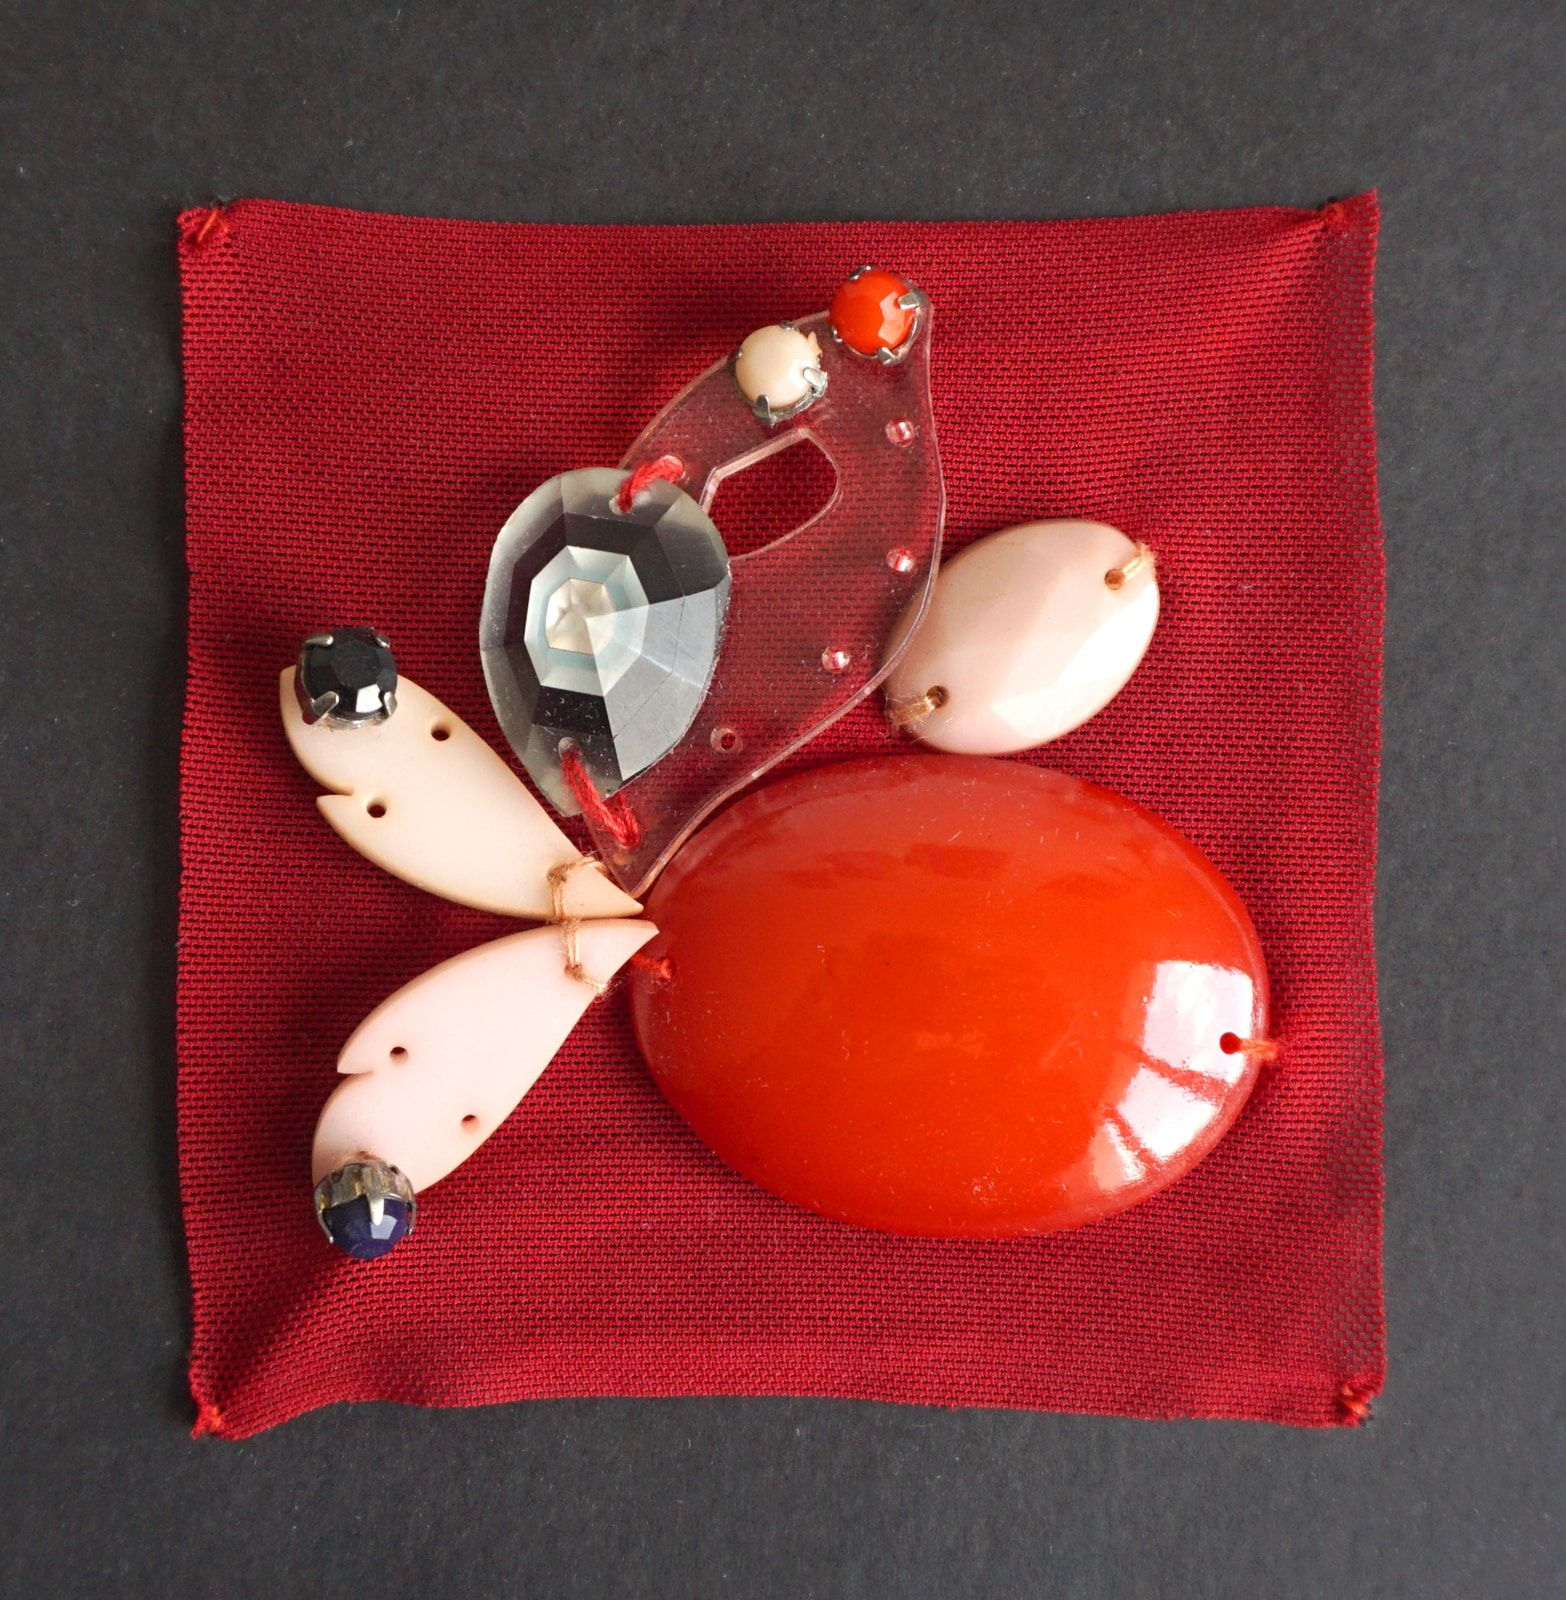 Essai brodeur – Broderies Sonia Rykiel – Perles fleurs  – Prefall 2013 – 1